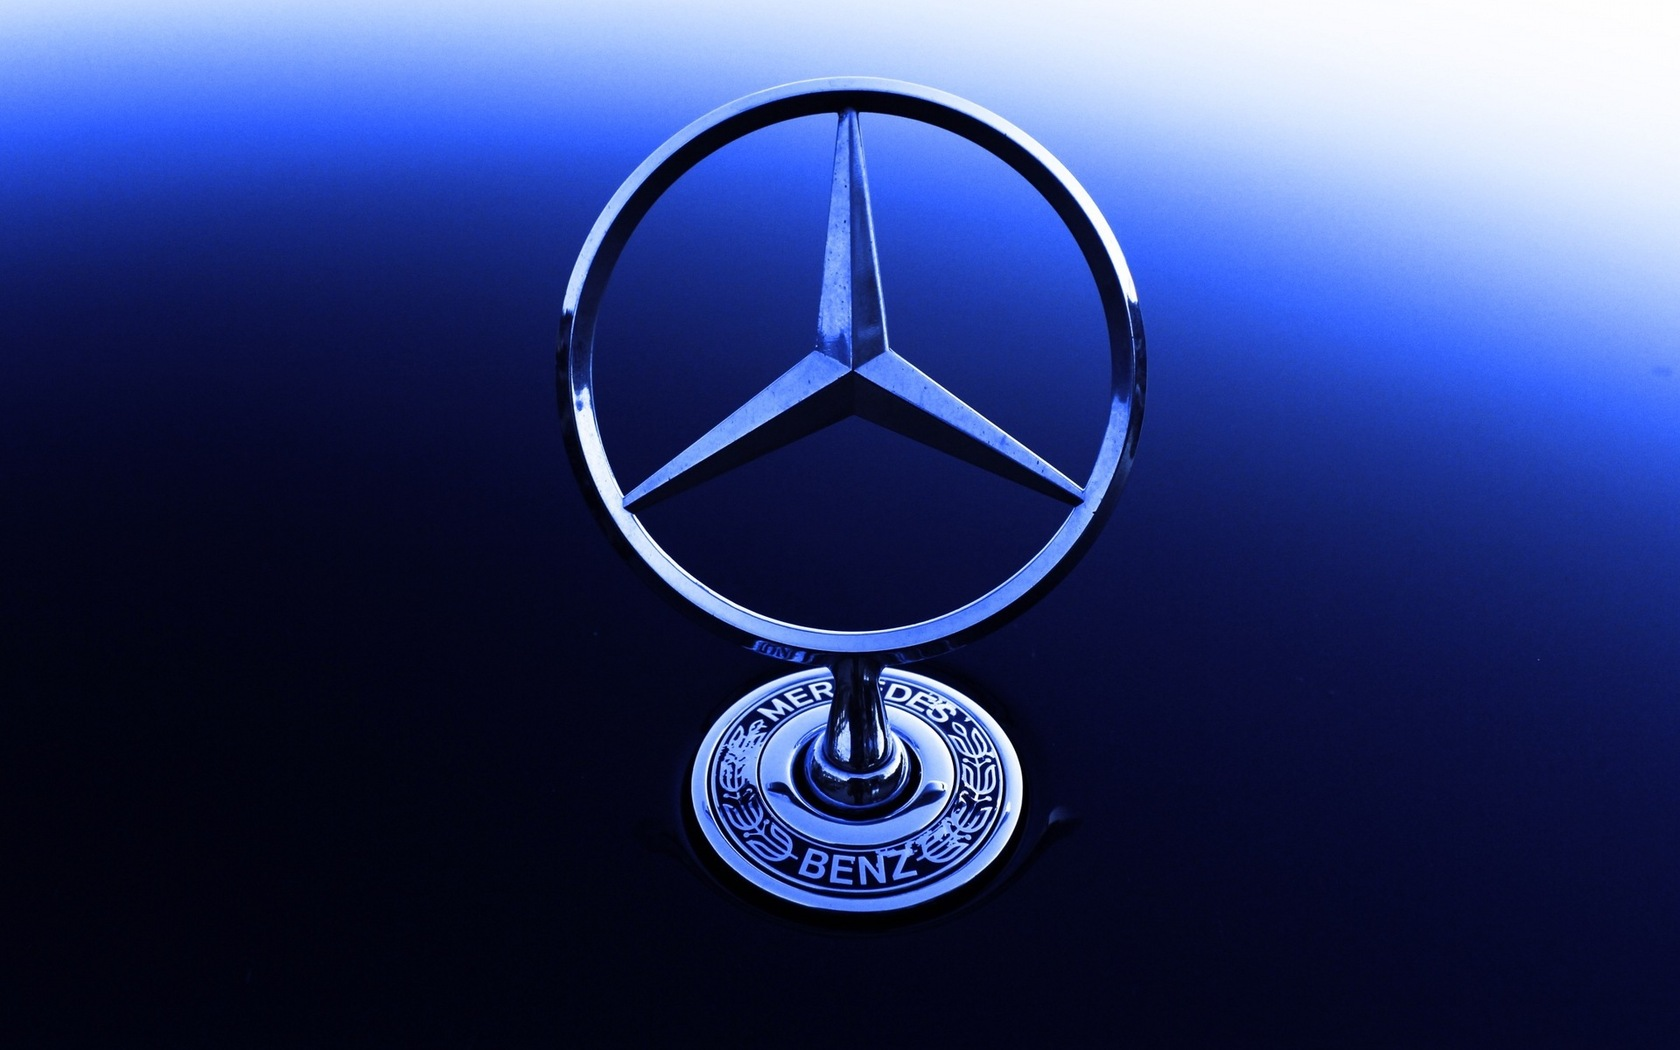 Mercedes Logo wallpaper | 1680x1050 | 70696 | WallpaperUP